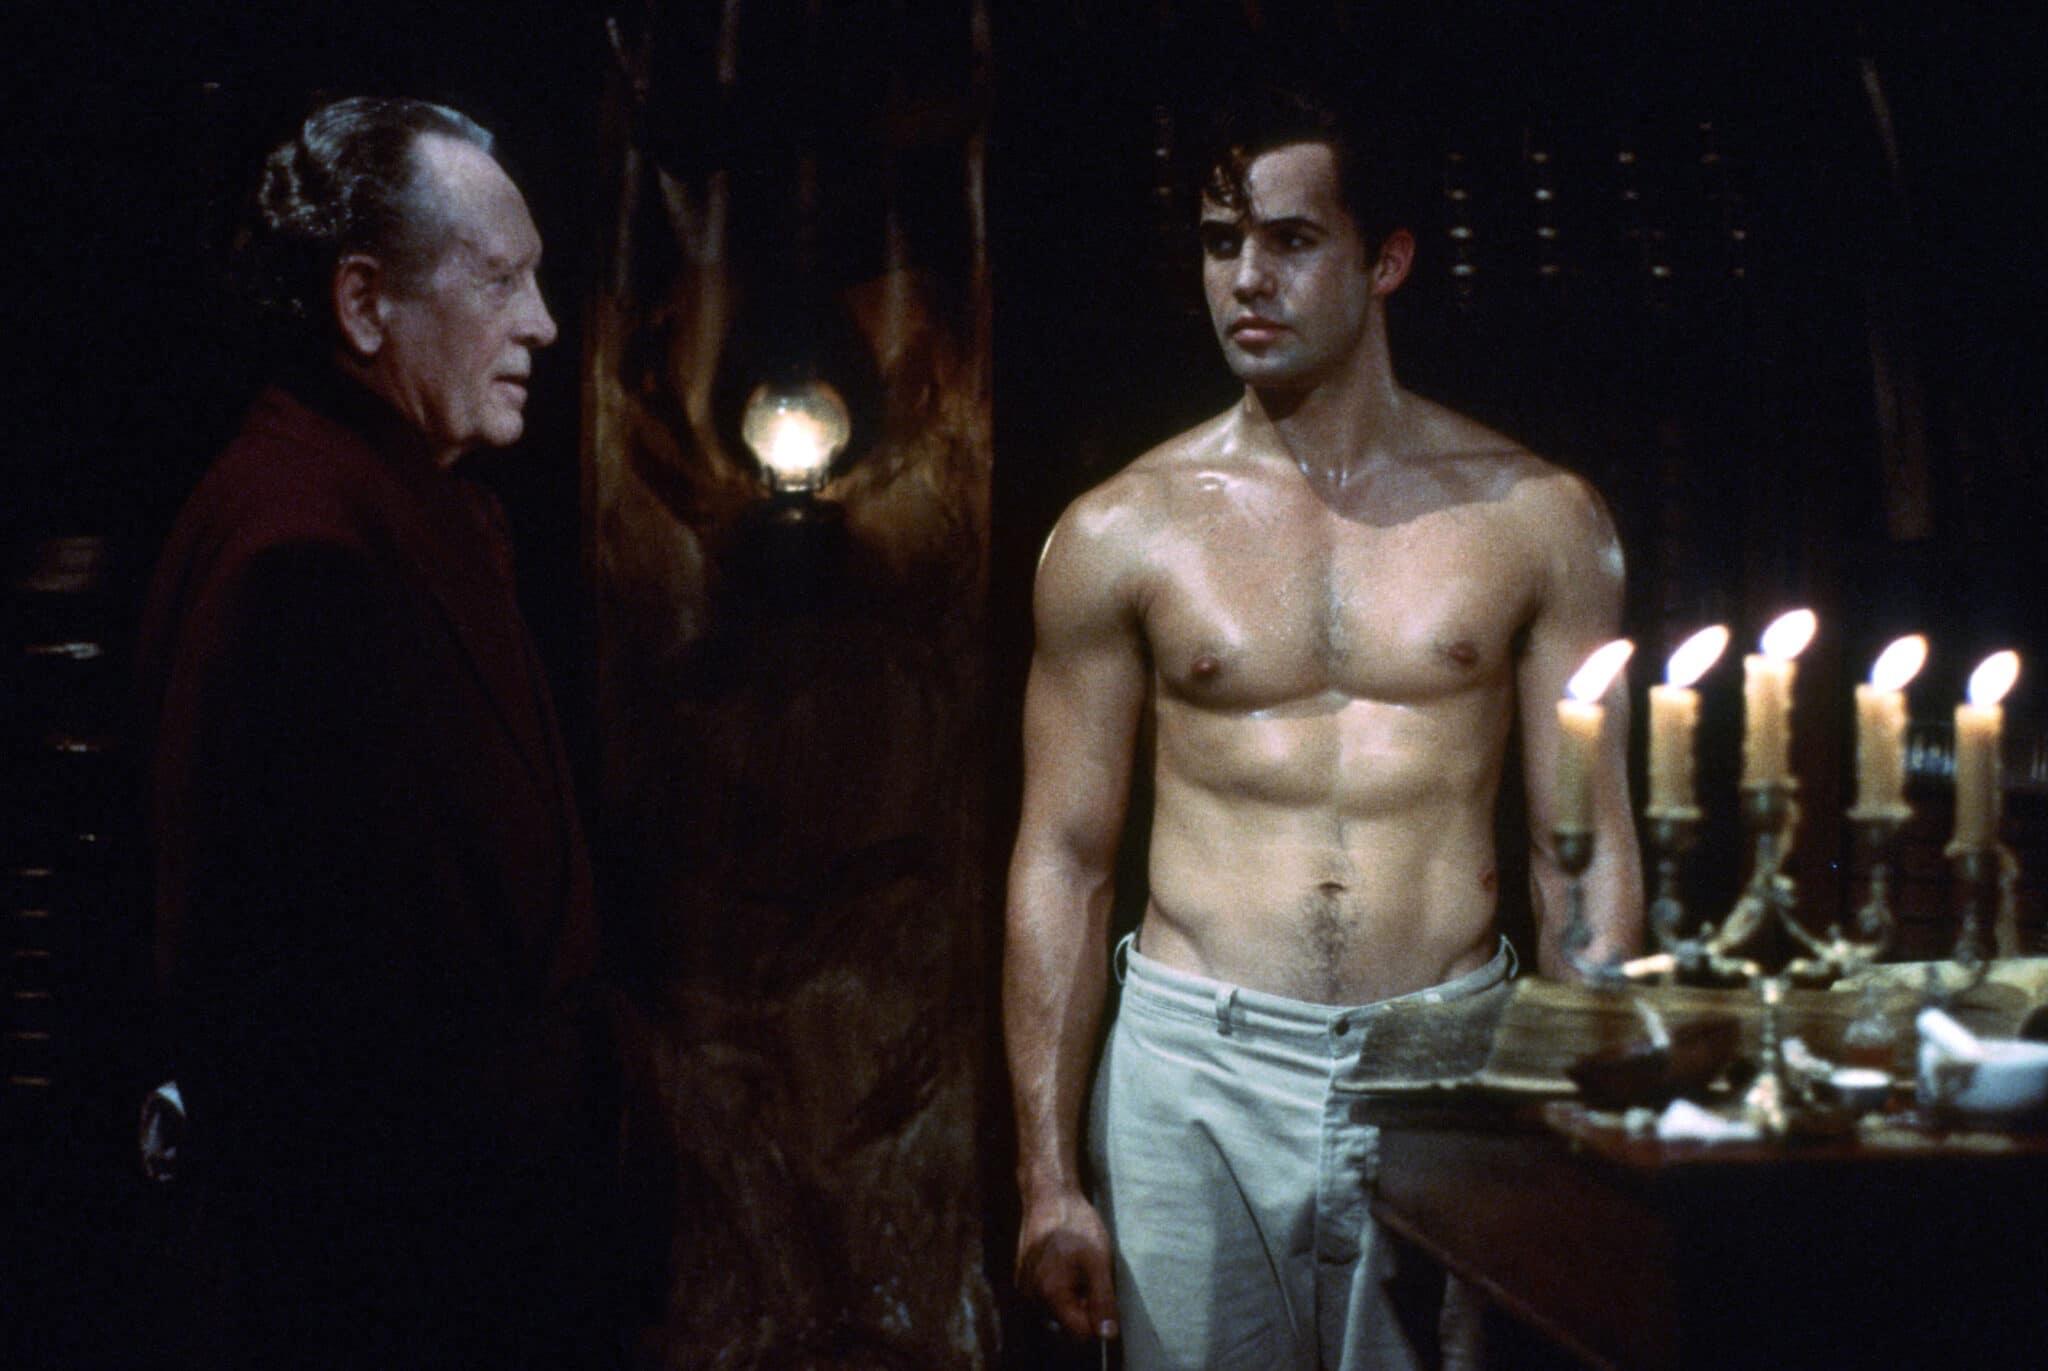 Billy Zane alias Das Phantom steht oberkörperfrei in seinem Höhlenunterschlupf, die nur von Kerzenlicht beleuchtet ist. Er wirkt verschwitzt und redet gerade mit einem älteren Mann.